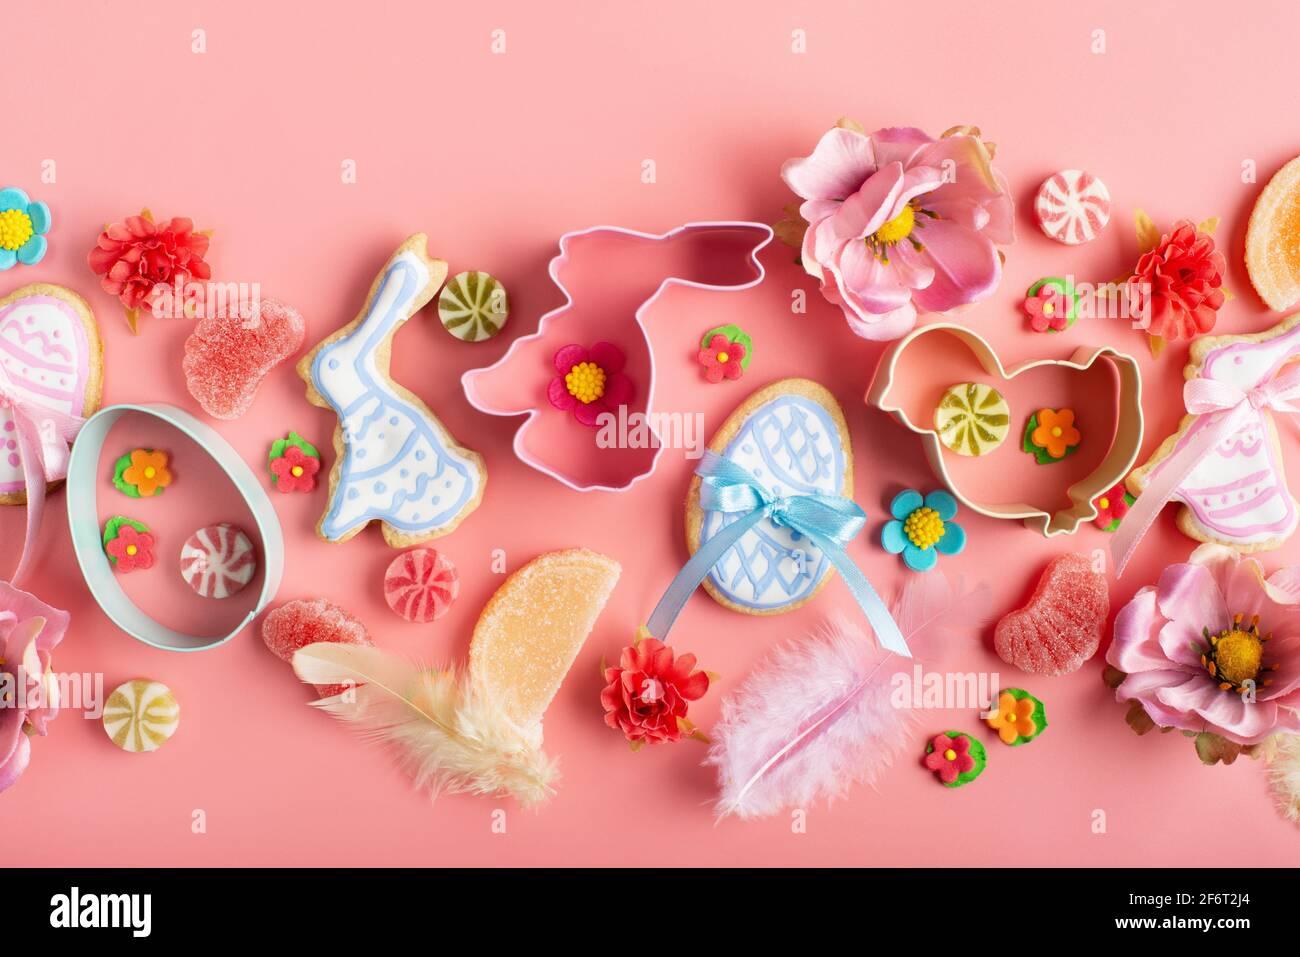 Biscuits givrés de Pâques en forme de poulet à l'œuf et de lapin, saupoudrés de sucre, bonbons, emporte-pièces sur fond rose. Maquette de pose à plat. Banque D'Images